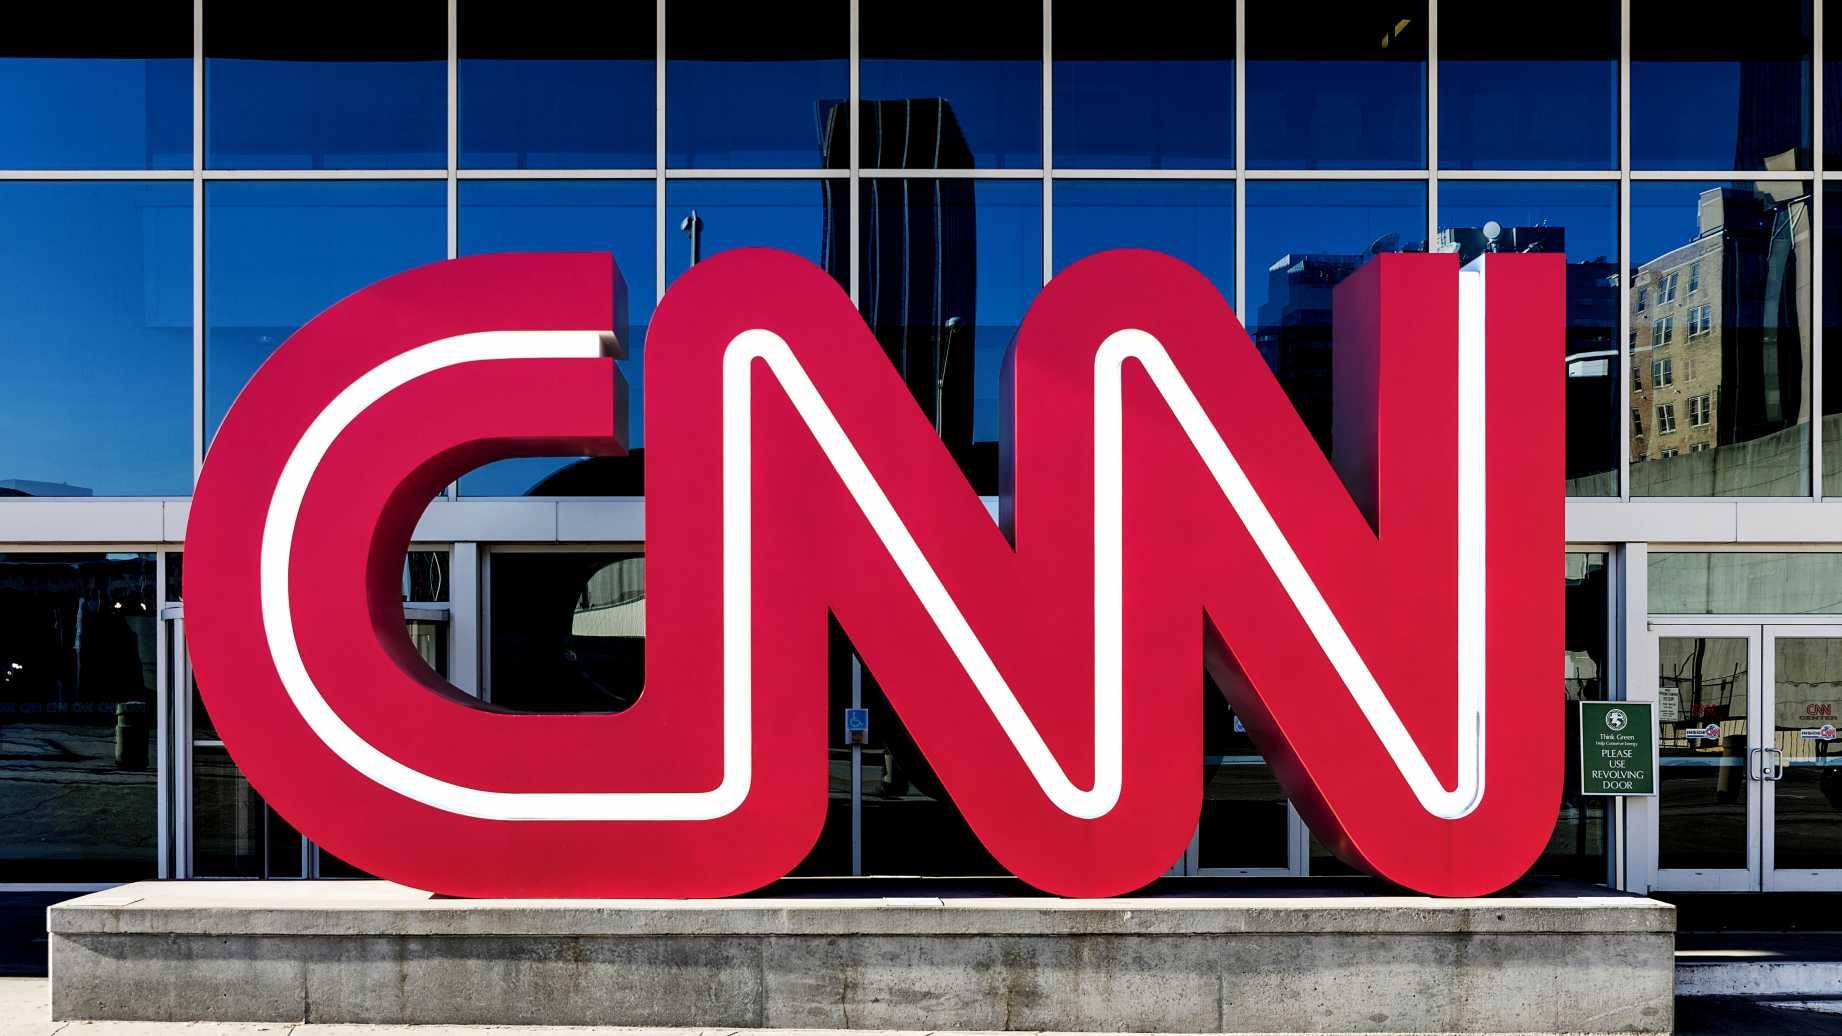 ФАС оштрафовала CNN на 200 тыс. рублей за слишком громкую рекламу